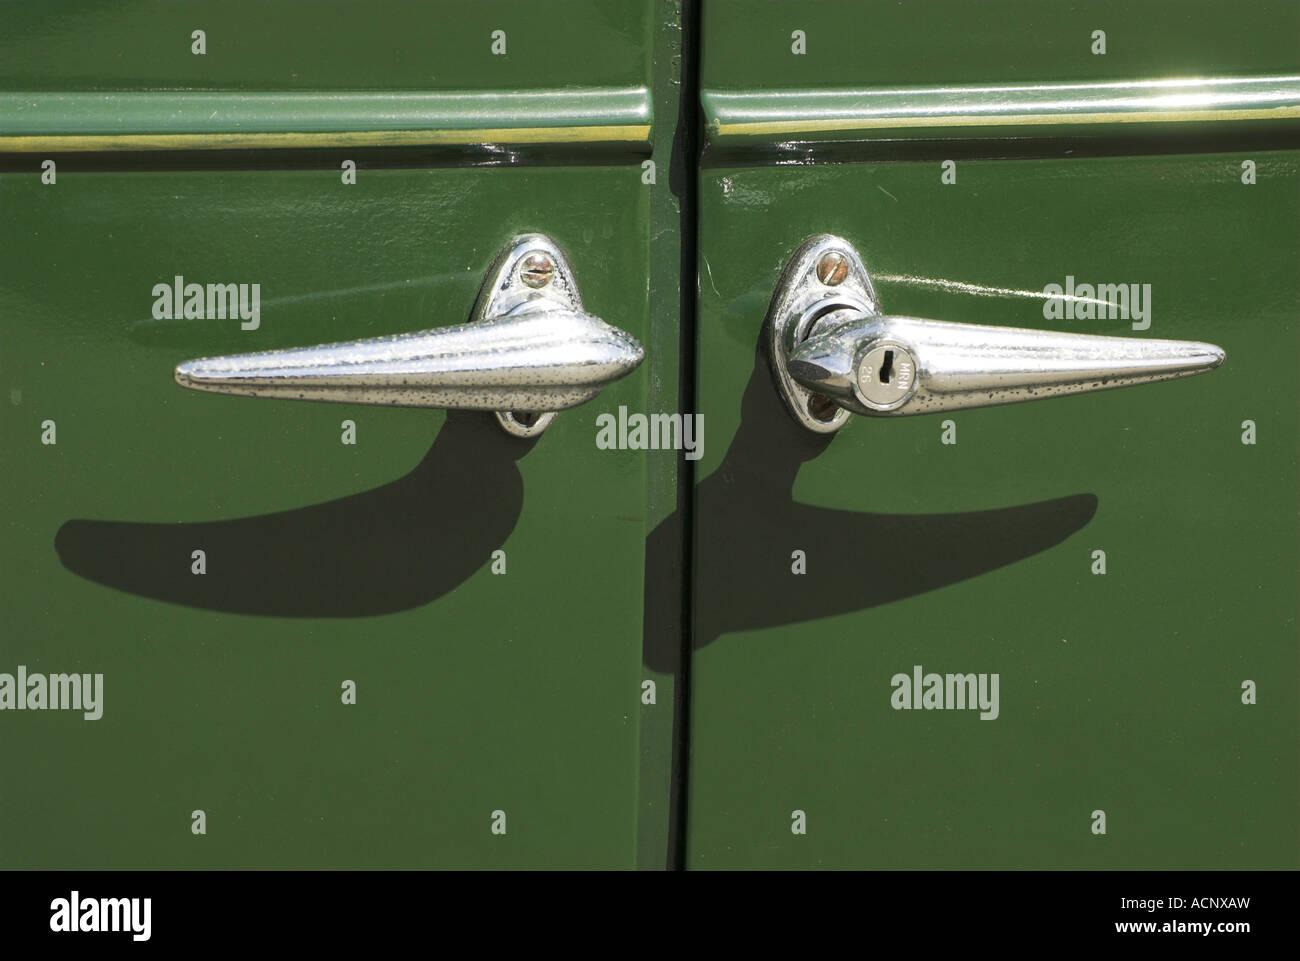 Car door handles - Stock Image